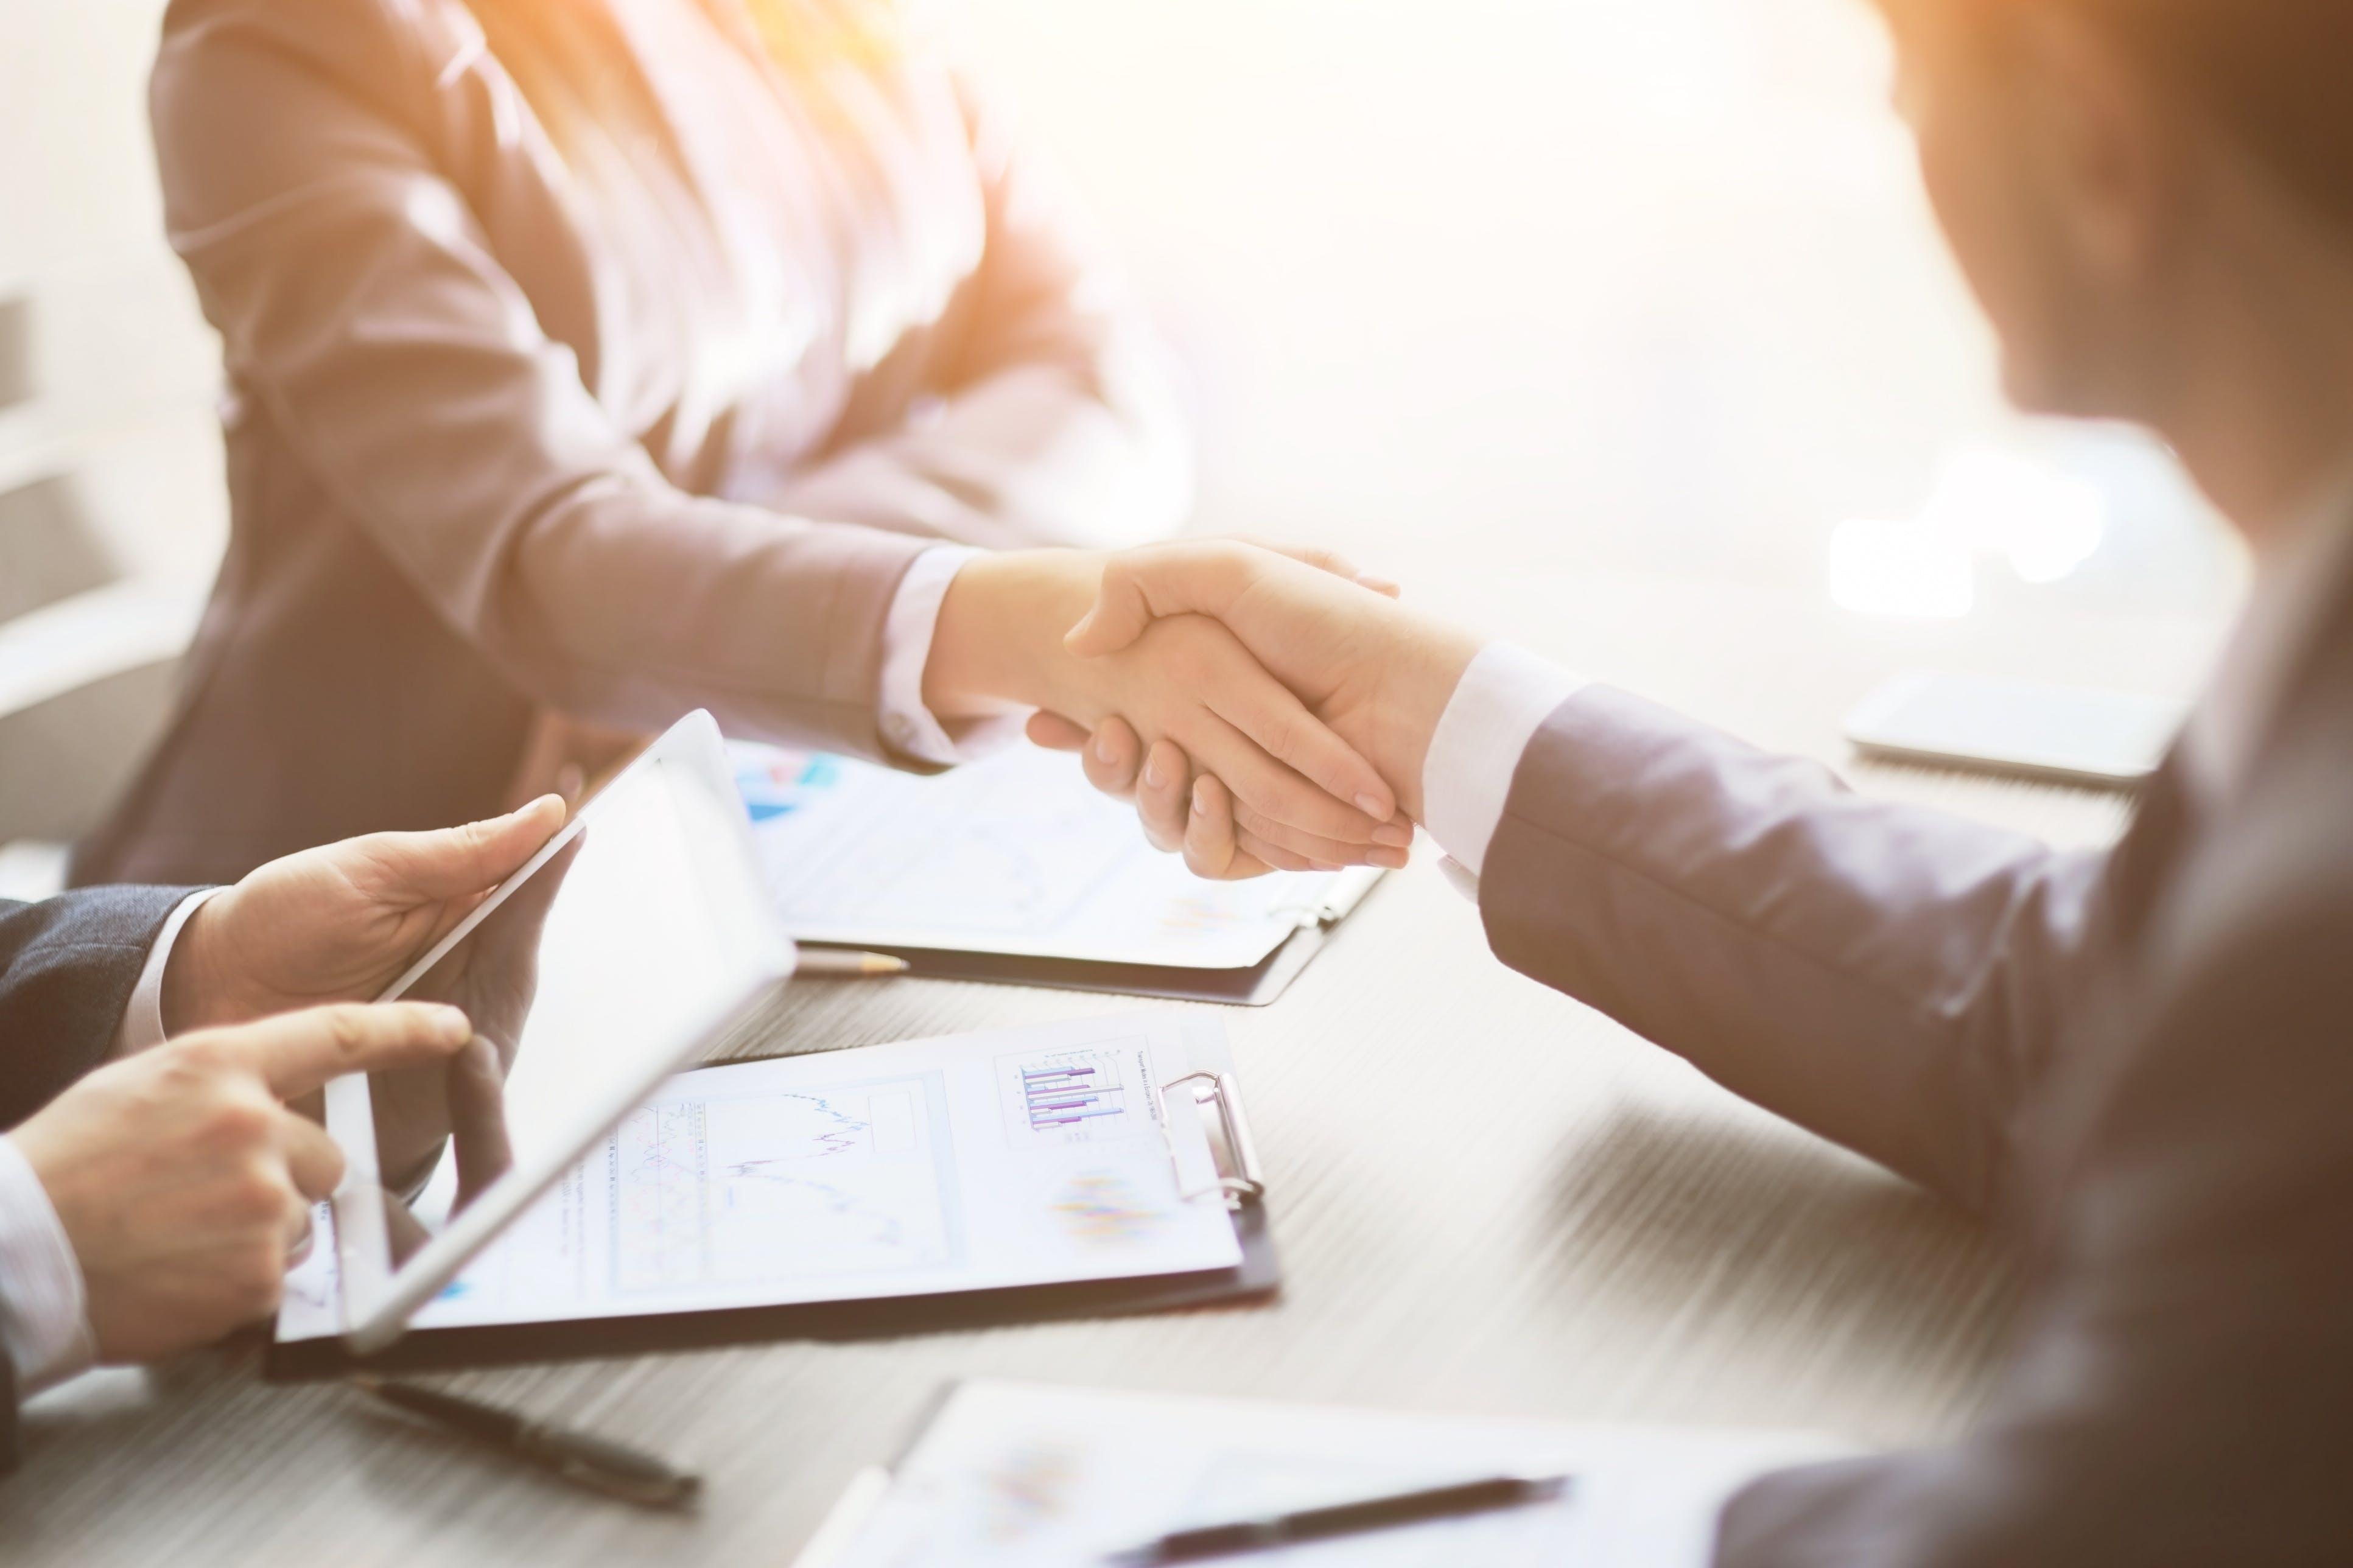 Titelbild-Business-Meeting-Handschlag-Handshake-iStock-656005826-YurolaitsAlbert